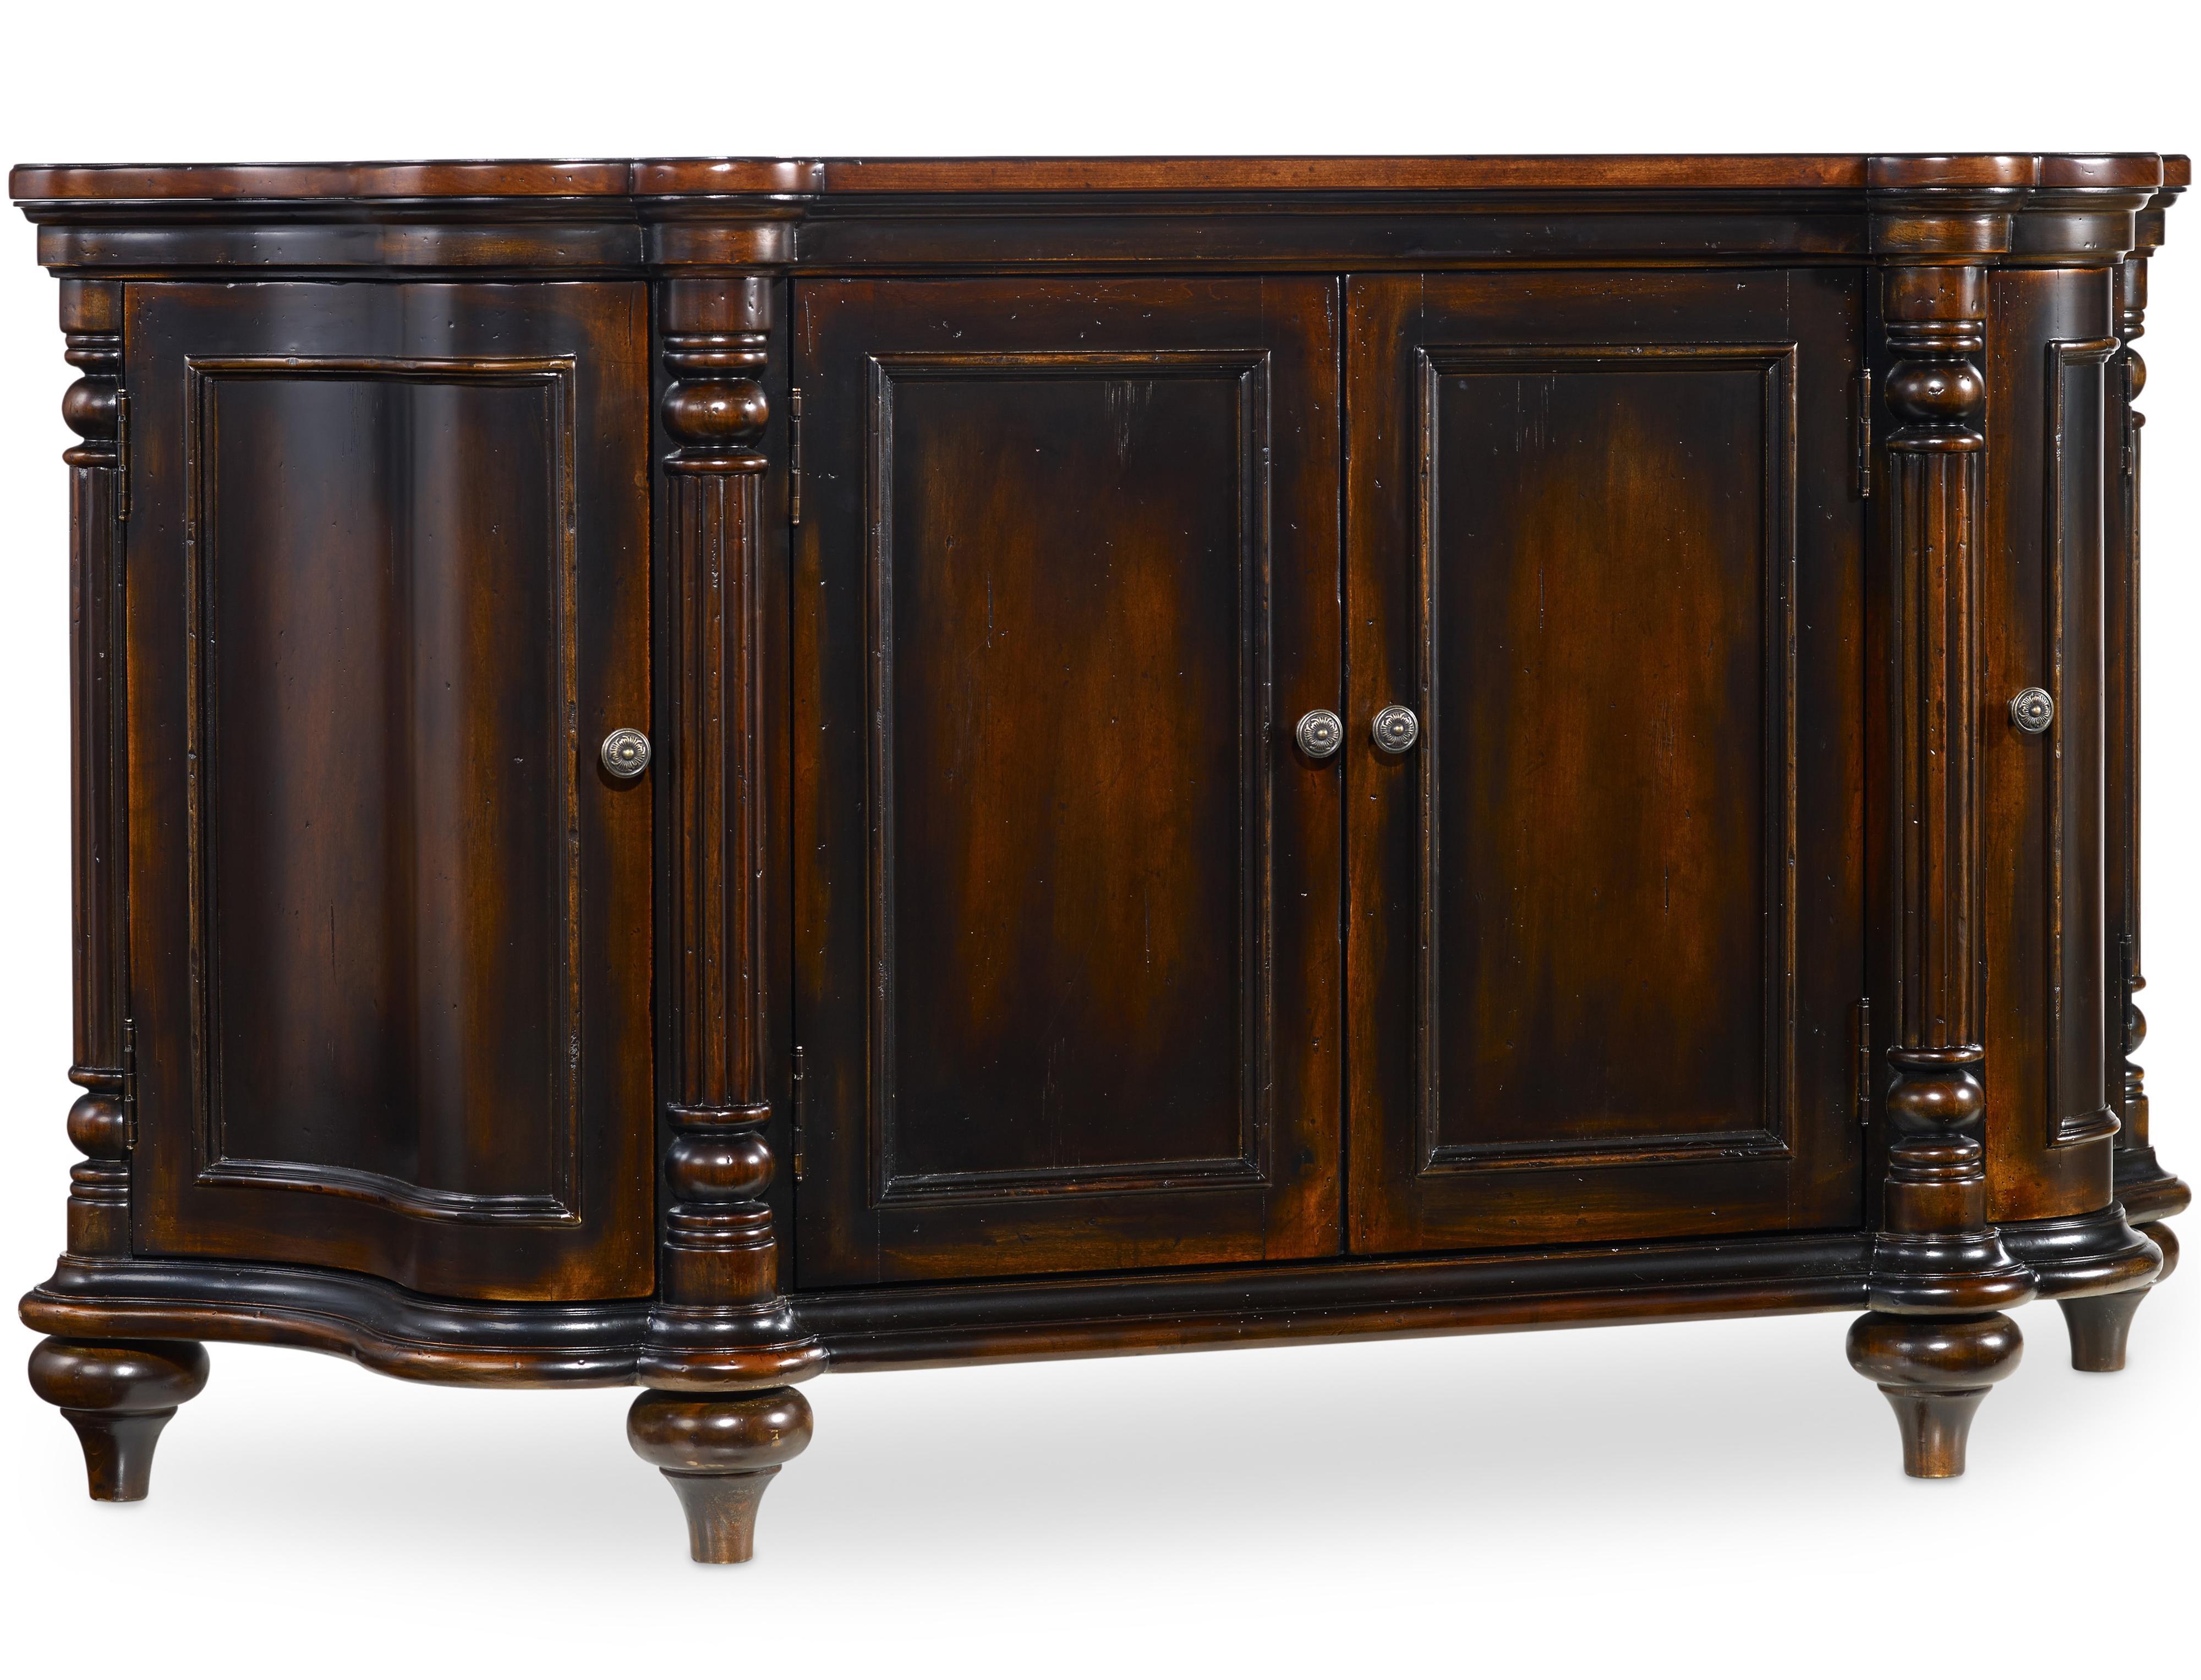 Hooker Furniture Eastridge Shaped Credenza - Item Number: 5177-85001